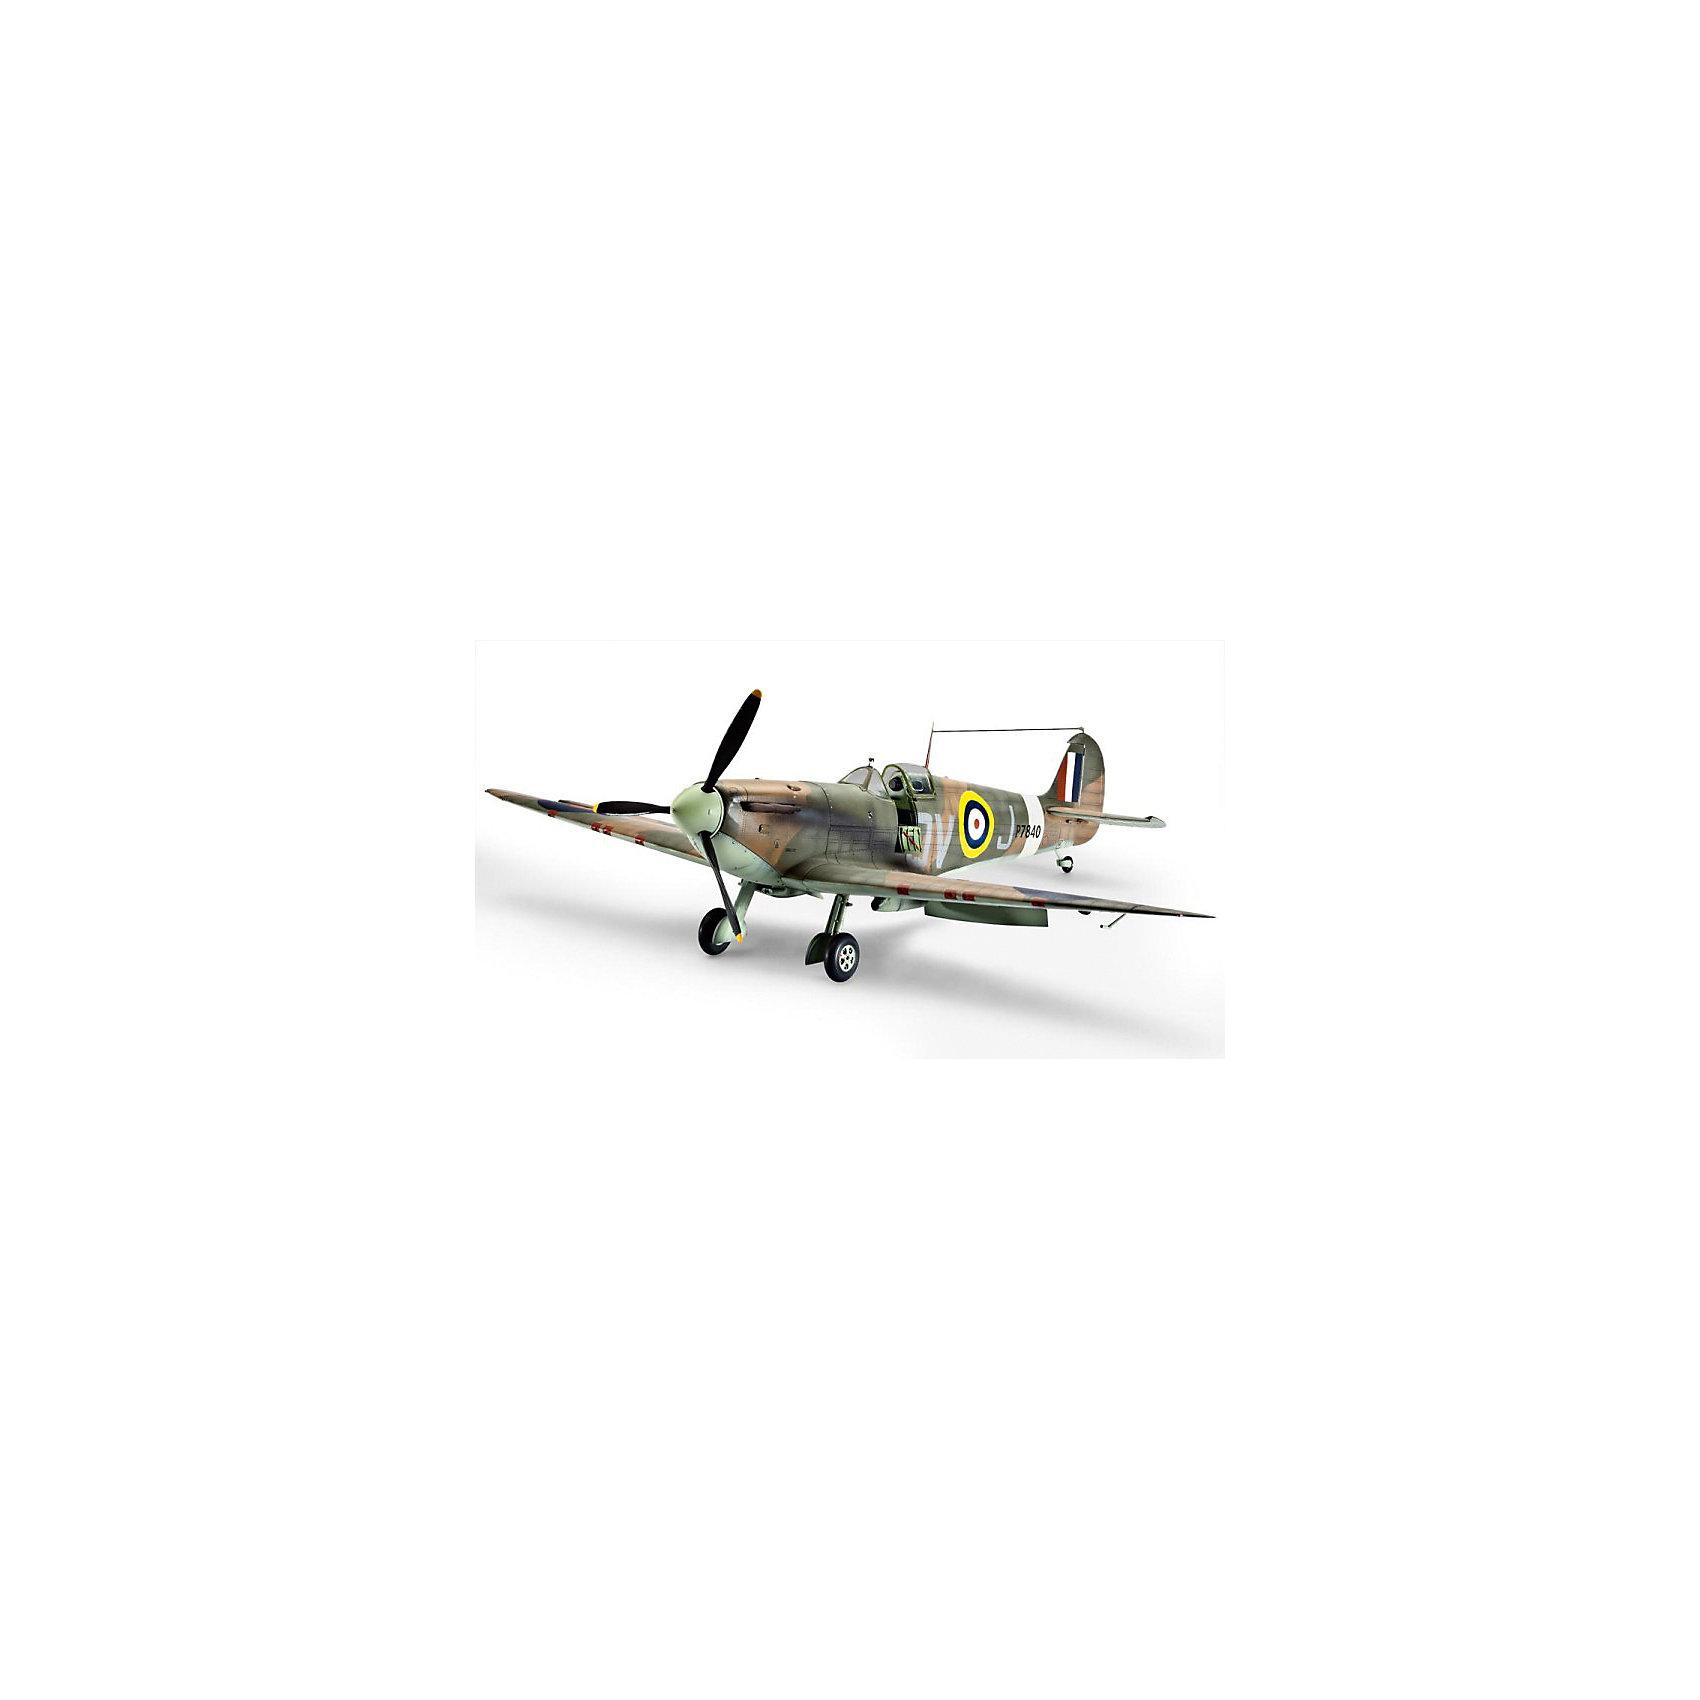 """Самолет Истребитель Спитфайэр Mk II, британский времен Второй Мировой ВойныМодели для склеивания<br>Сборная модель самолета Spitfire Mk. IXC. Английский истребитель времен Второй мировой был принят на вооружение в 1938 году. Всего было построено около 20 тысяч машин. Spitfire Mk применялись в основном на Западном фронте. В СССР по ленд-лизу было поставлено крайне мало подобных истребителей. Несколько """"спитфаеров"""" участвовали в боях над Украиной в 1943 году. <br>Масштаб: 1:32 <br>Количество деталей: 165 шт <br>Длина модели: 282 мм <br>Размах крыльев: 345 мм <br>Для детей старше 10-и лет <br>Клей, краски и кисточки продаются отдельно.<br><br>Ширина мм: 9999<br>Глубина мм: 9999<br>Высота мм: 9999<br>Вес г: 9999<br>Возраст от месяцев: 144<br>Возраст до месяцев: 2147483647<br>Пол: Мужской<br>Возраст: Детский<br>SKU: 7122322"""